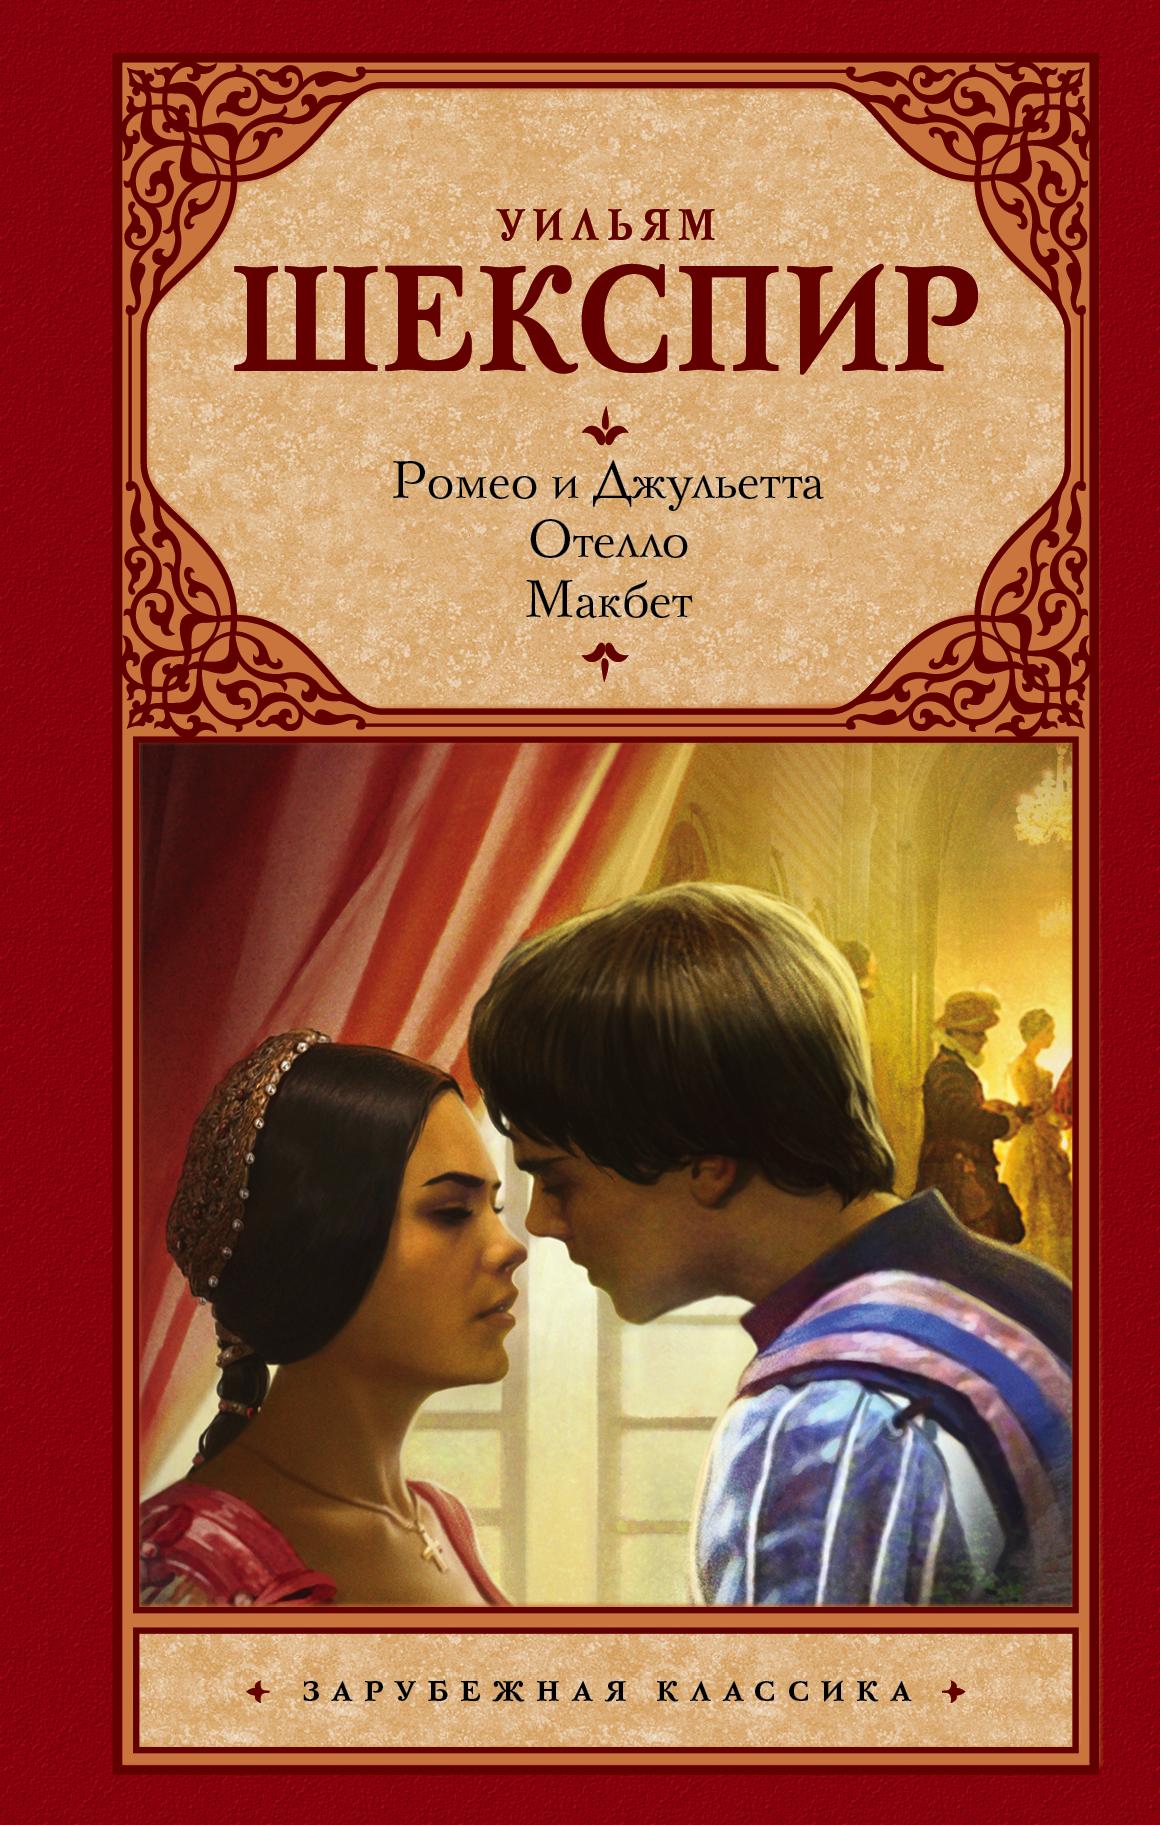 Уильям Шекспир Ромео и Джульетта. Отелло. Макбет